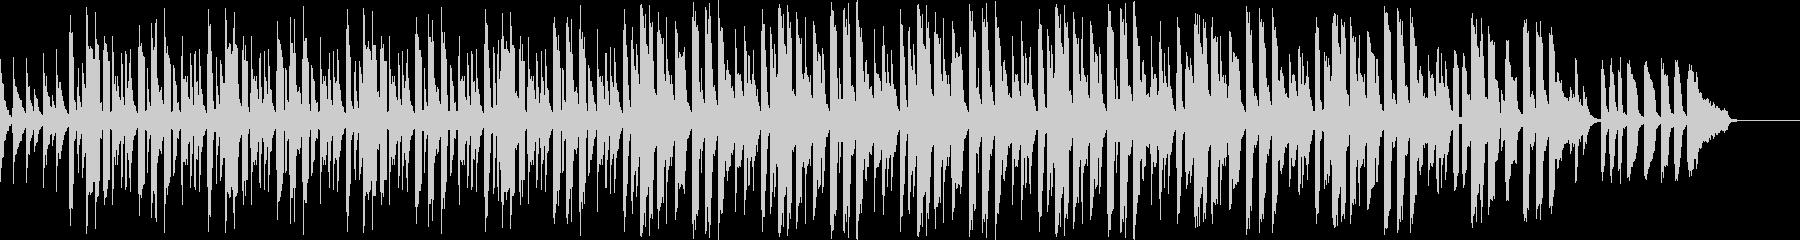 bpm80スローテンポバージョンの未再生の波形